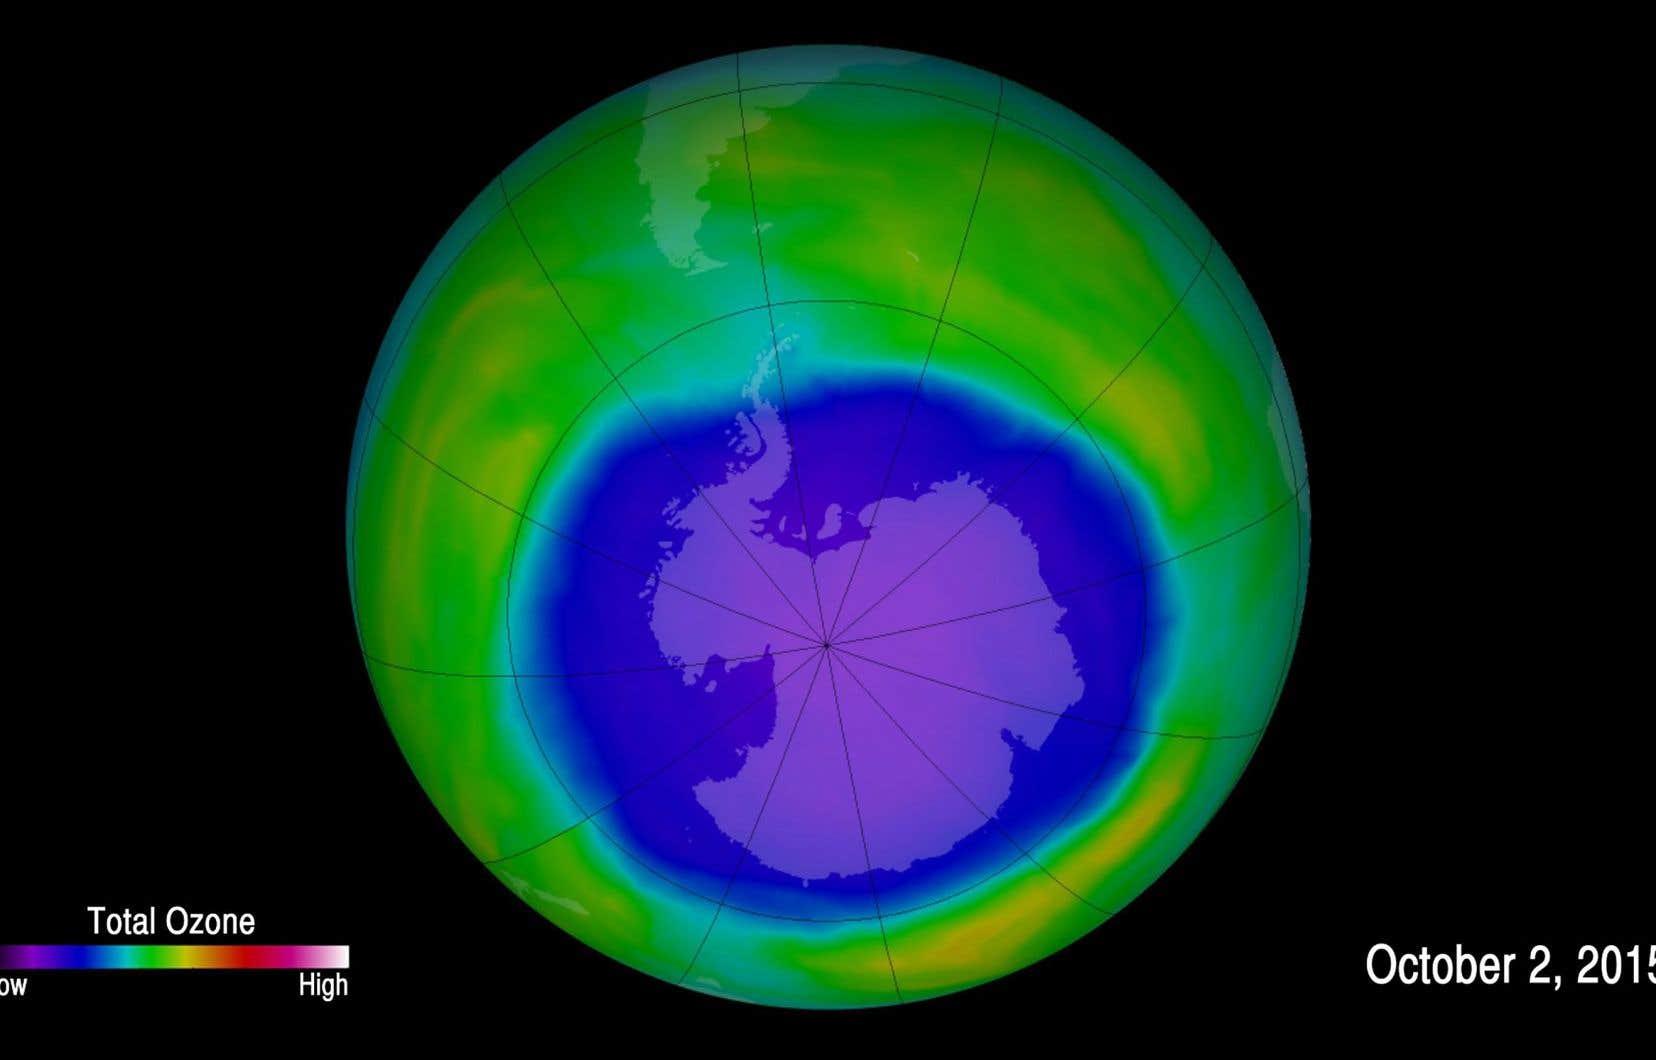 L inqui tant retour du gaz qui a caus le trou dans la couche d ozone le devoir - Trou dans la couche d ozone ...